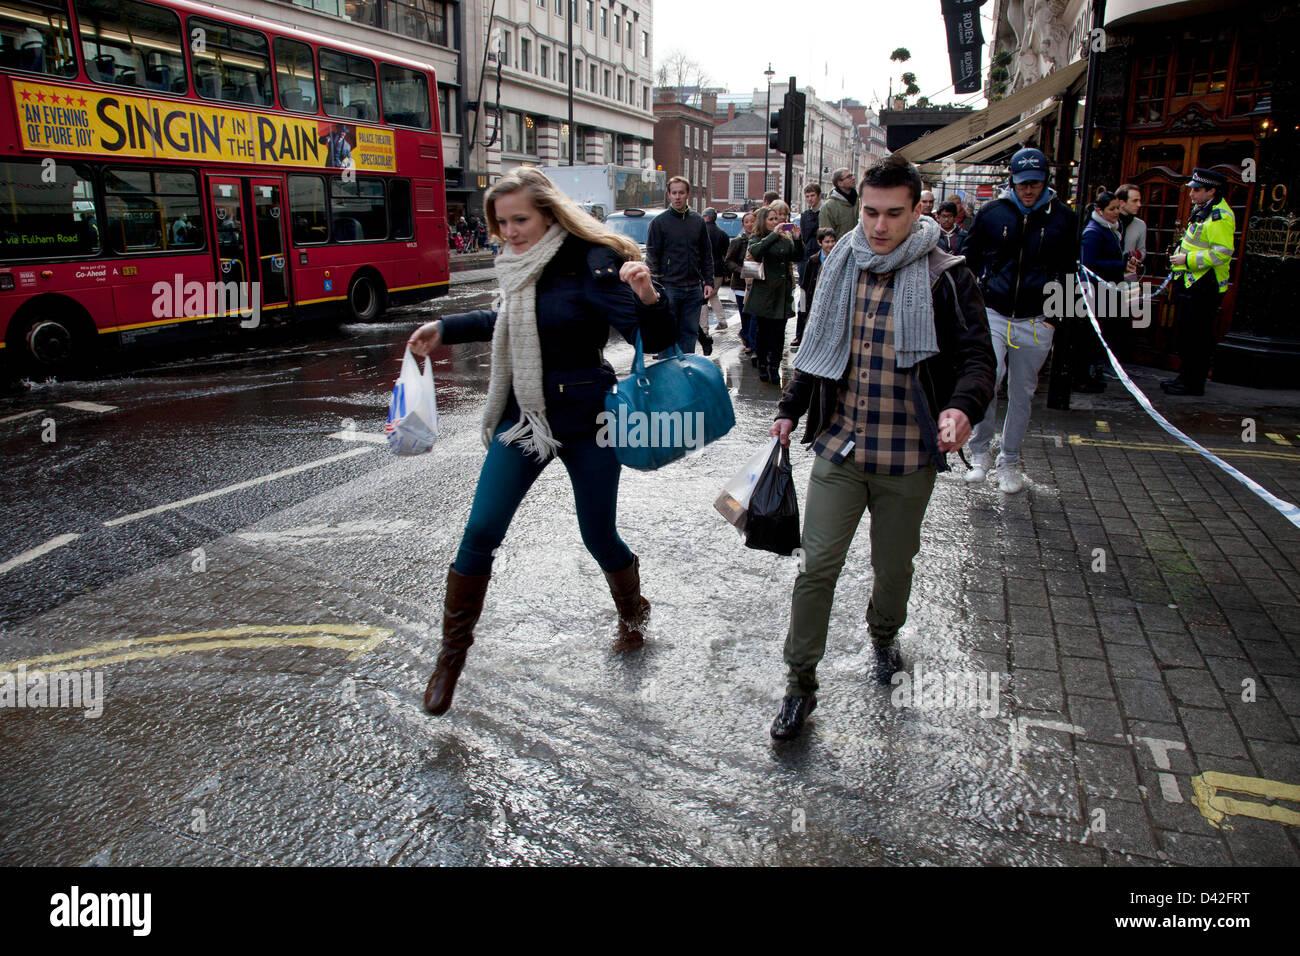 Londra, Regno Unito. Sabato 2 marzo 2013. Acqua di Burst cause principali delle interruzioni di allagamento in centro Immagini Stock